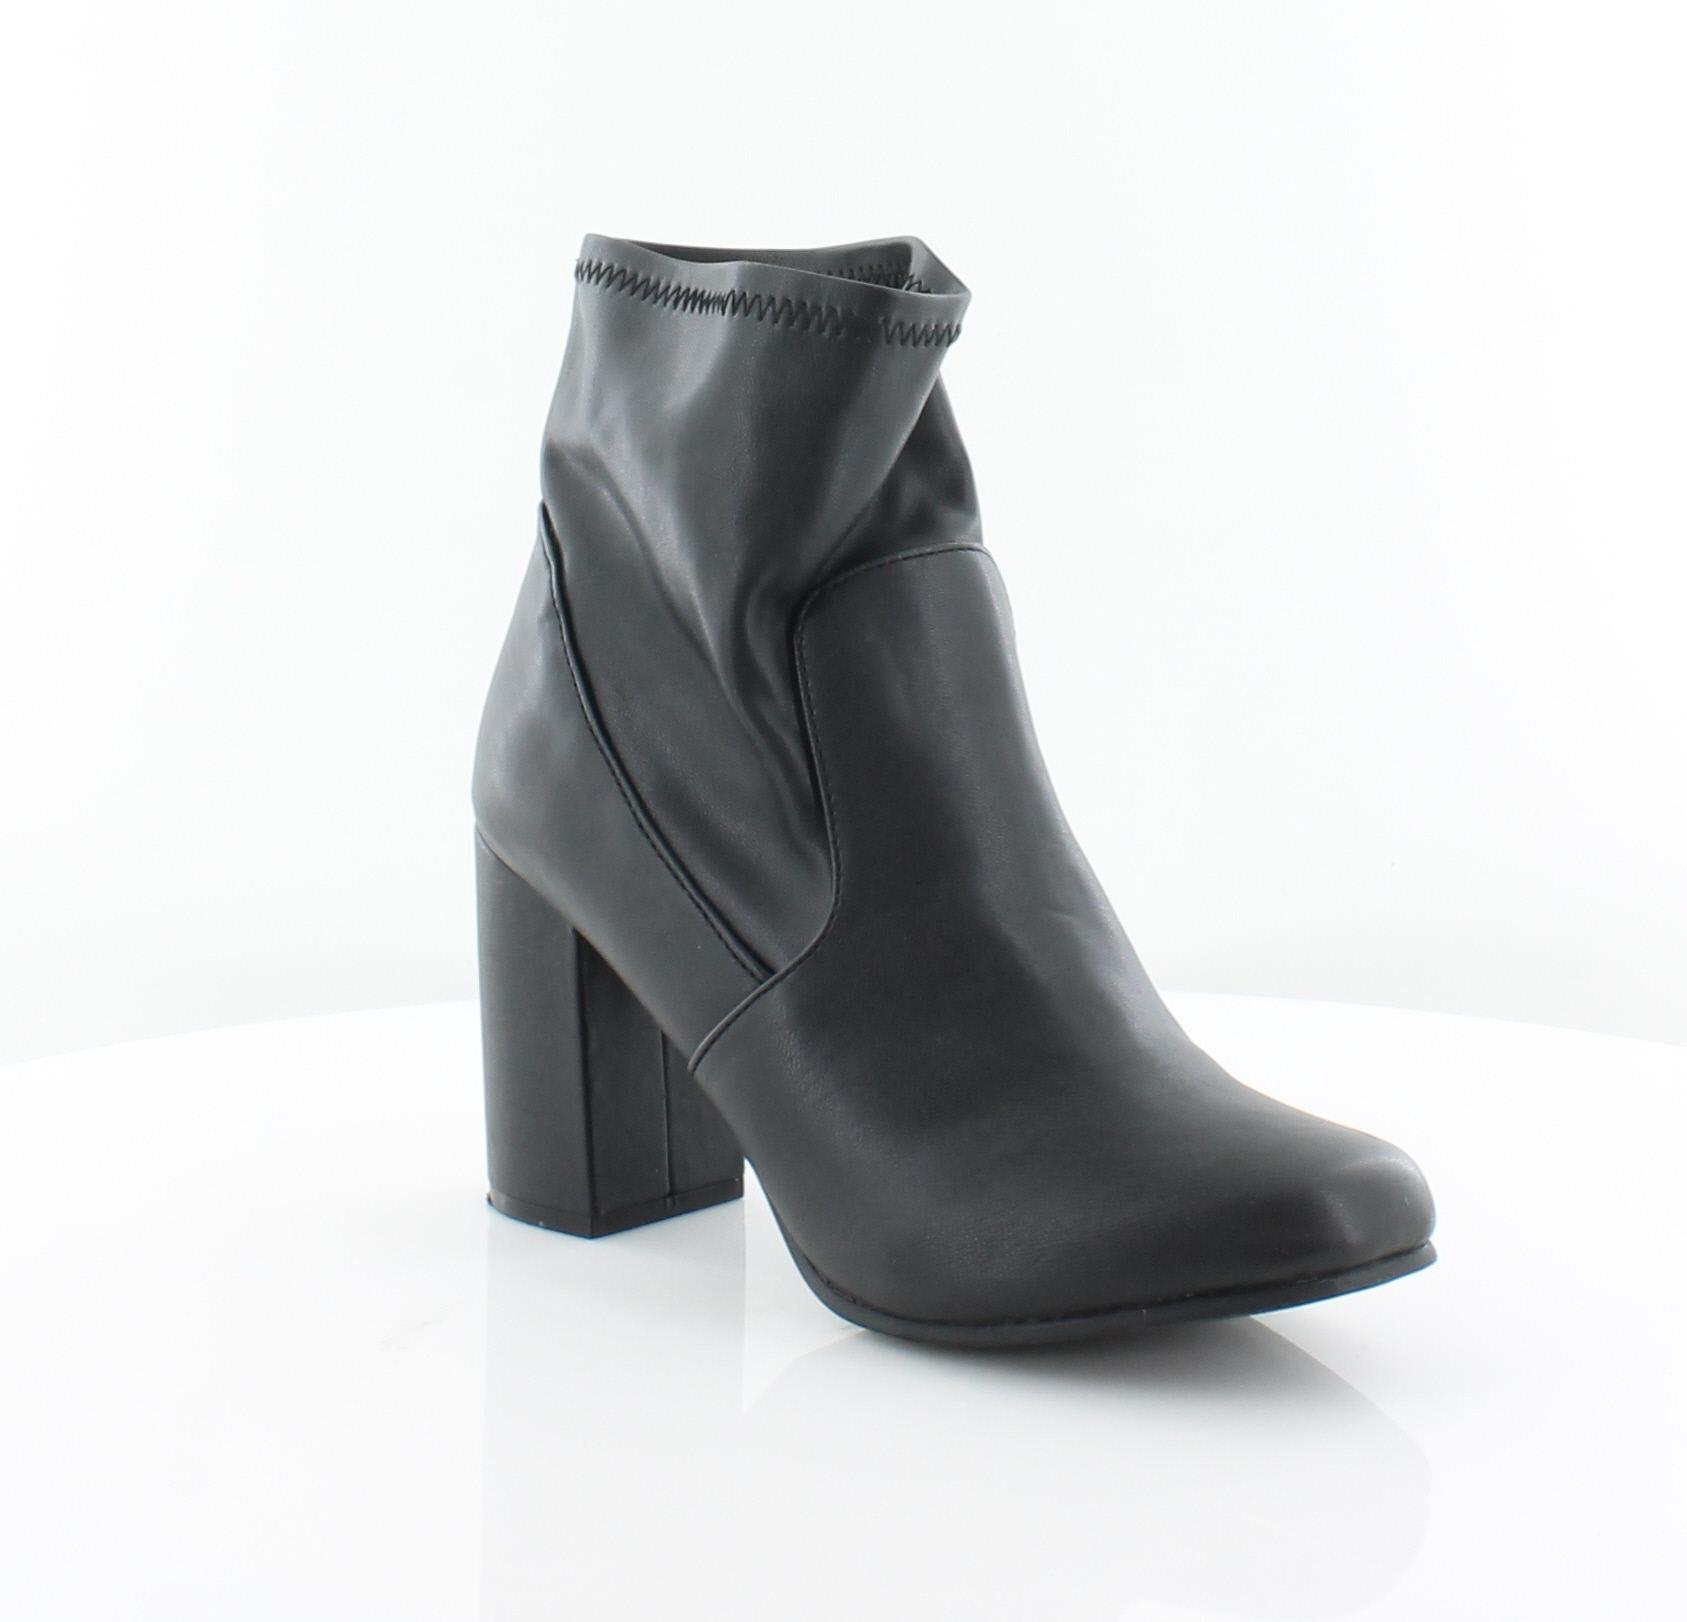 bce101c9e3c6 Seven Dials Teresa Black Womens Shoes Size 8 M Boots MSRP  69 ...